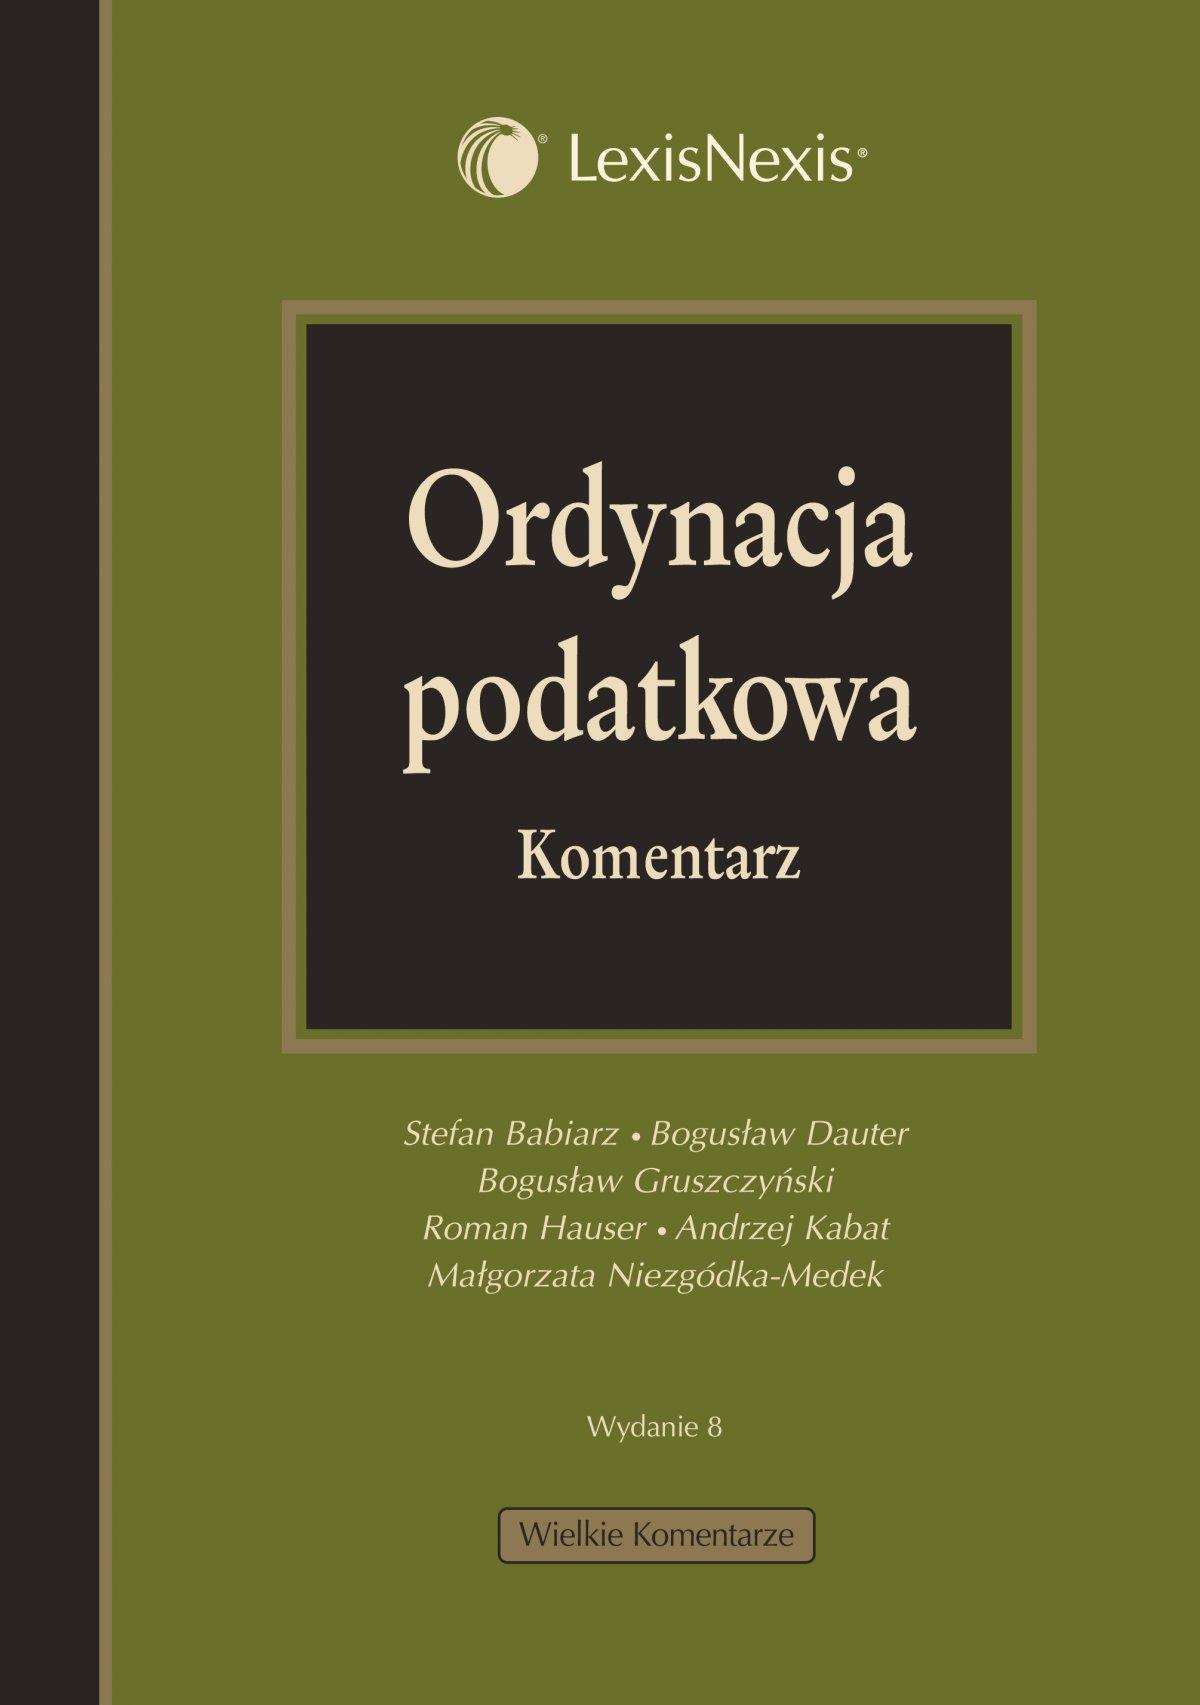 Ordynacja podatkowa. Komentarz - Ebook (Książka PDF) do pobrania w formacie PDF